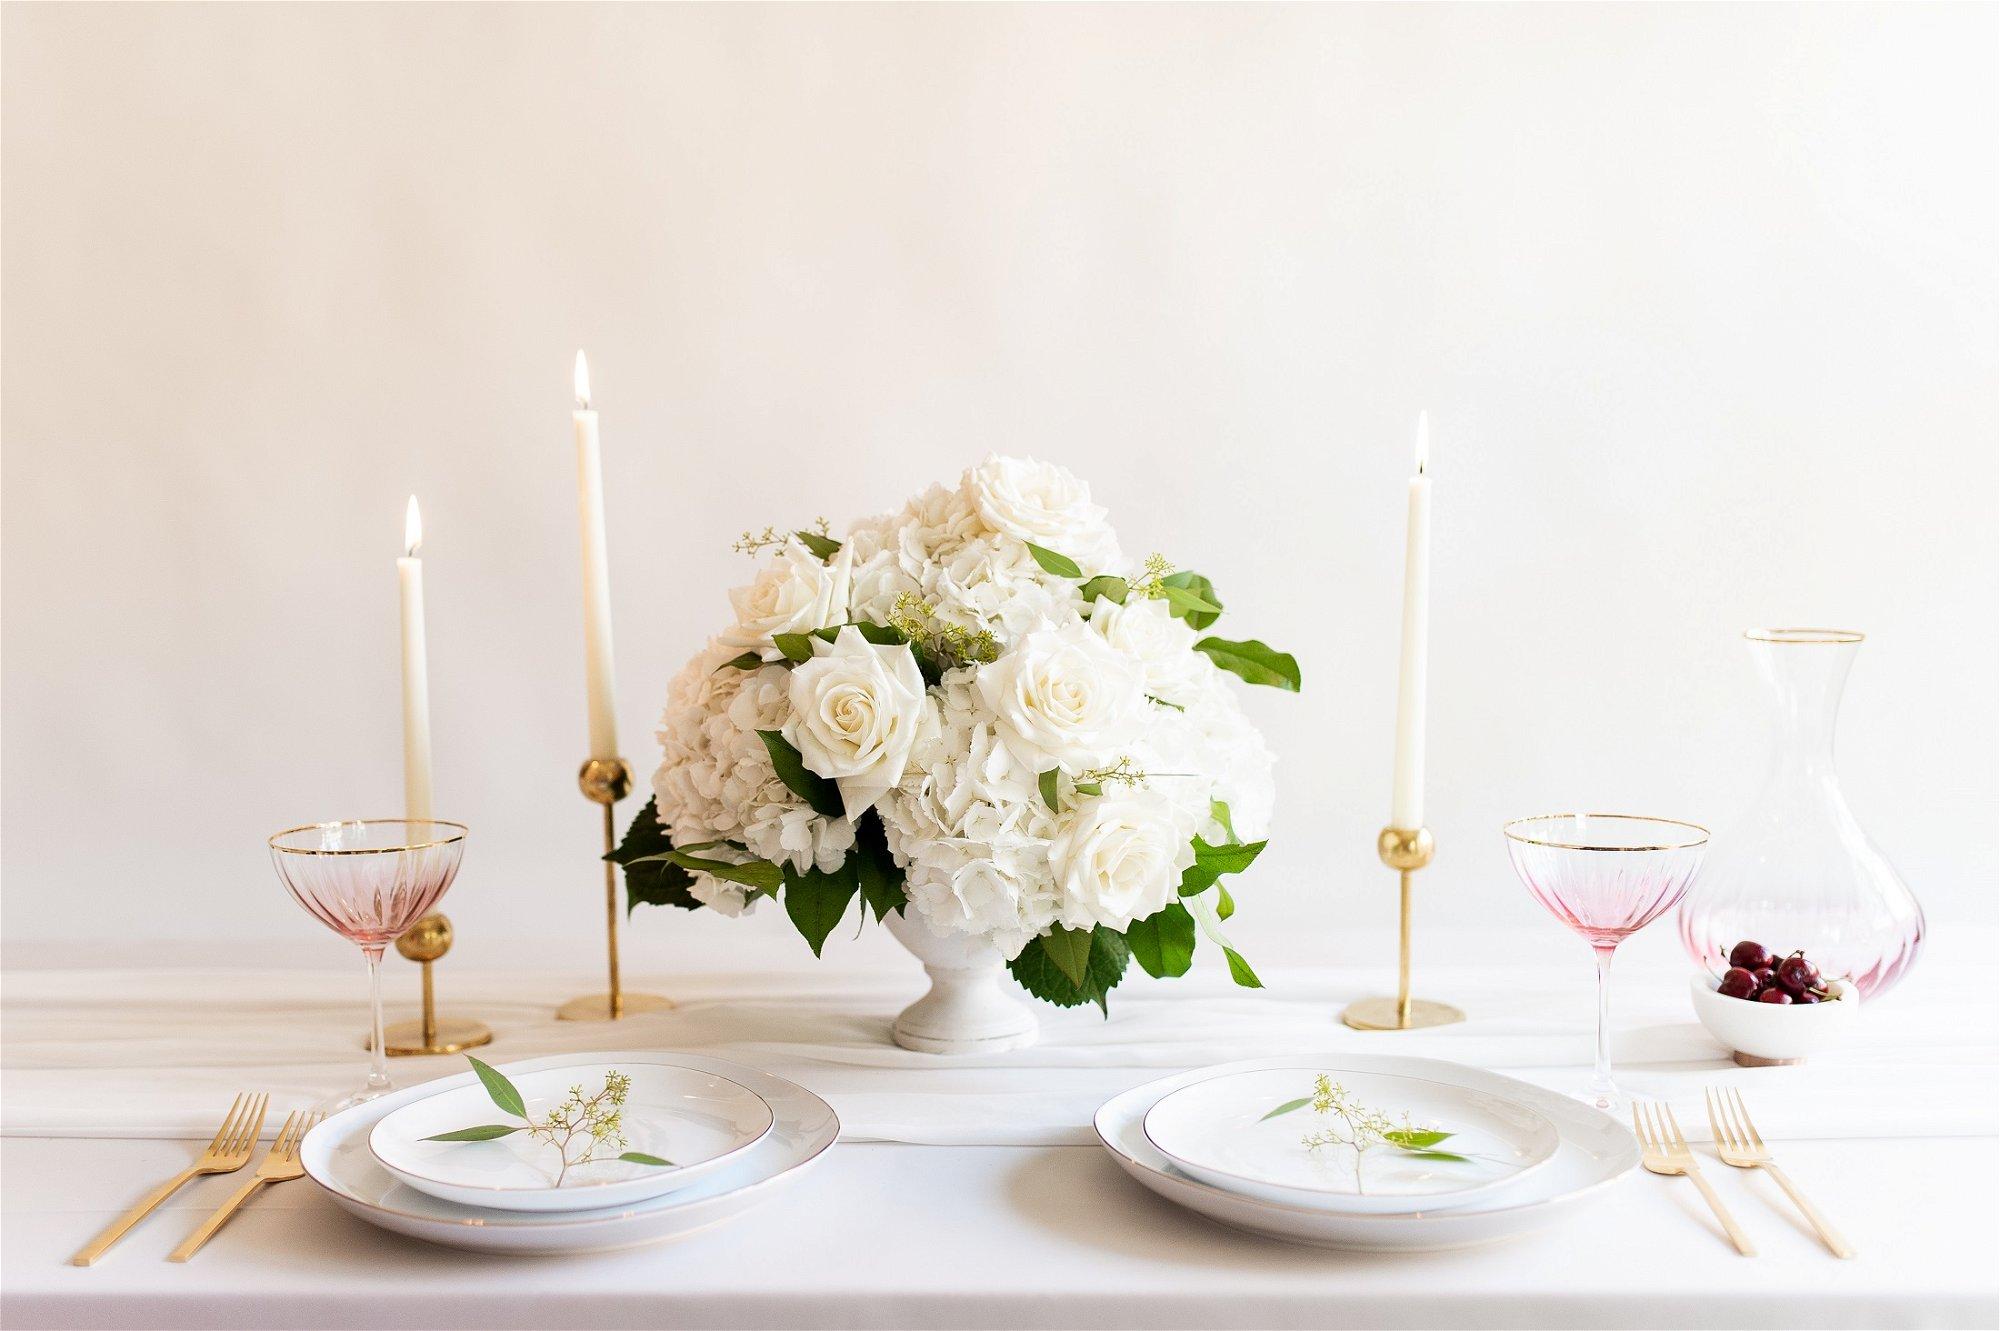 hydrangea centerpiece, Flower Moxie, DIY Wedding Flowers, How to make a centerpiece, hydrangea and rose centerpiece